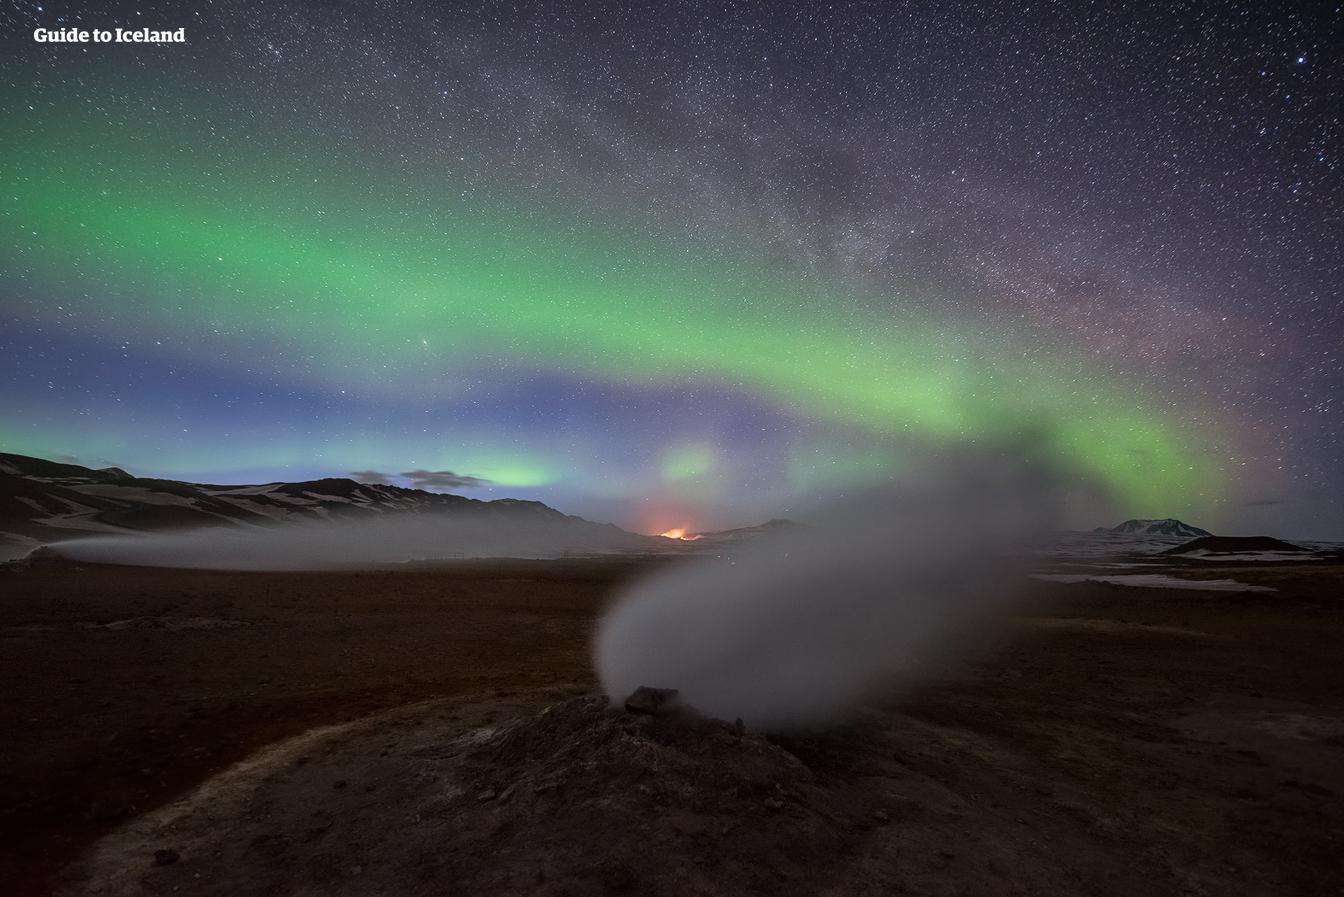 Autotour de 11 jours | Route circulaire, aurores boréales et Snæfellsnes - day 4